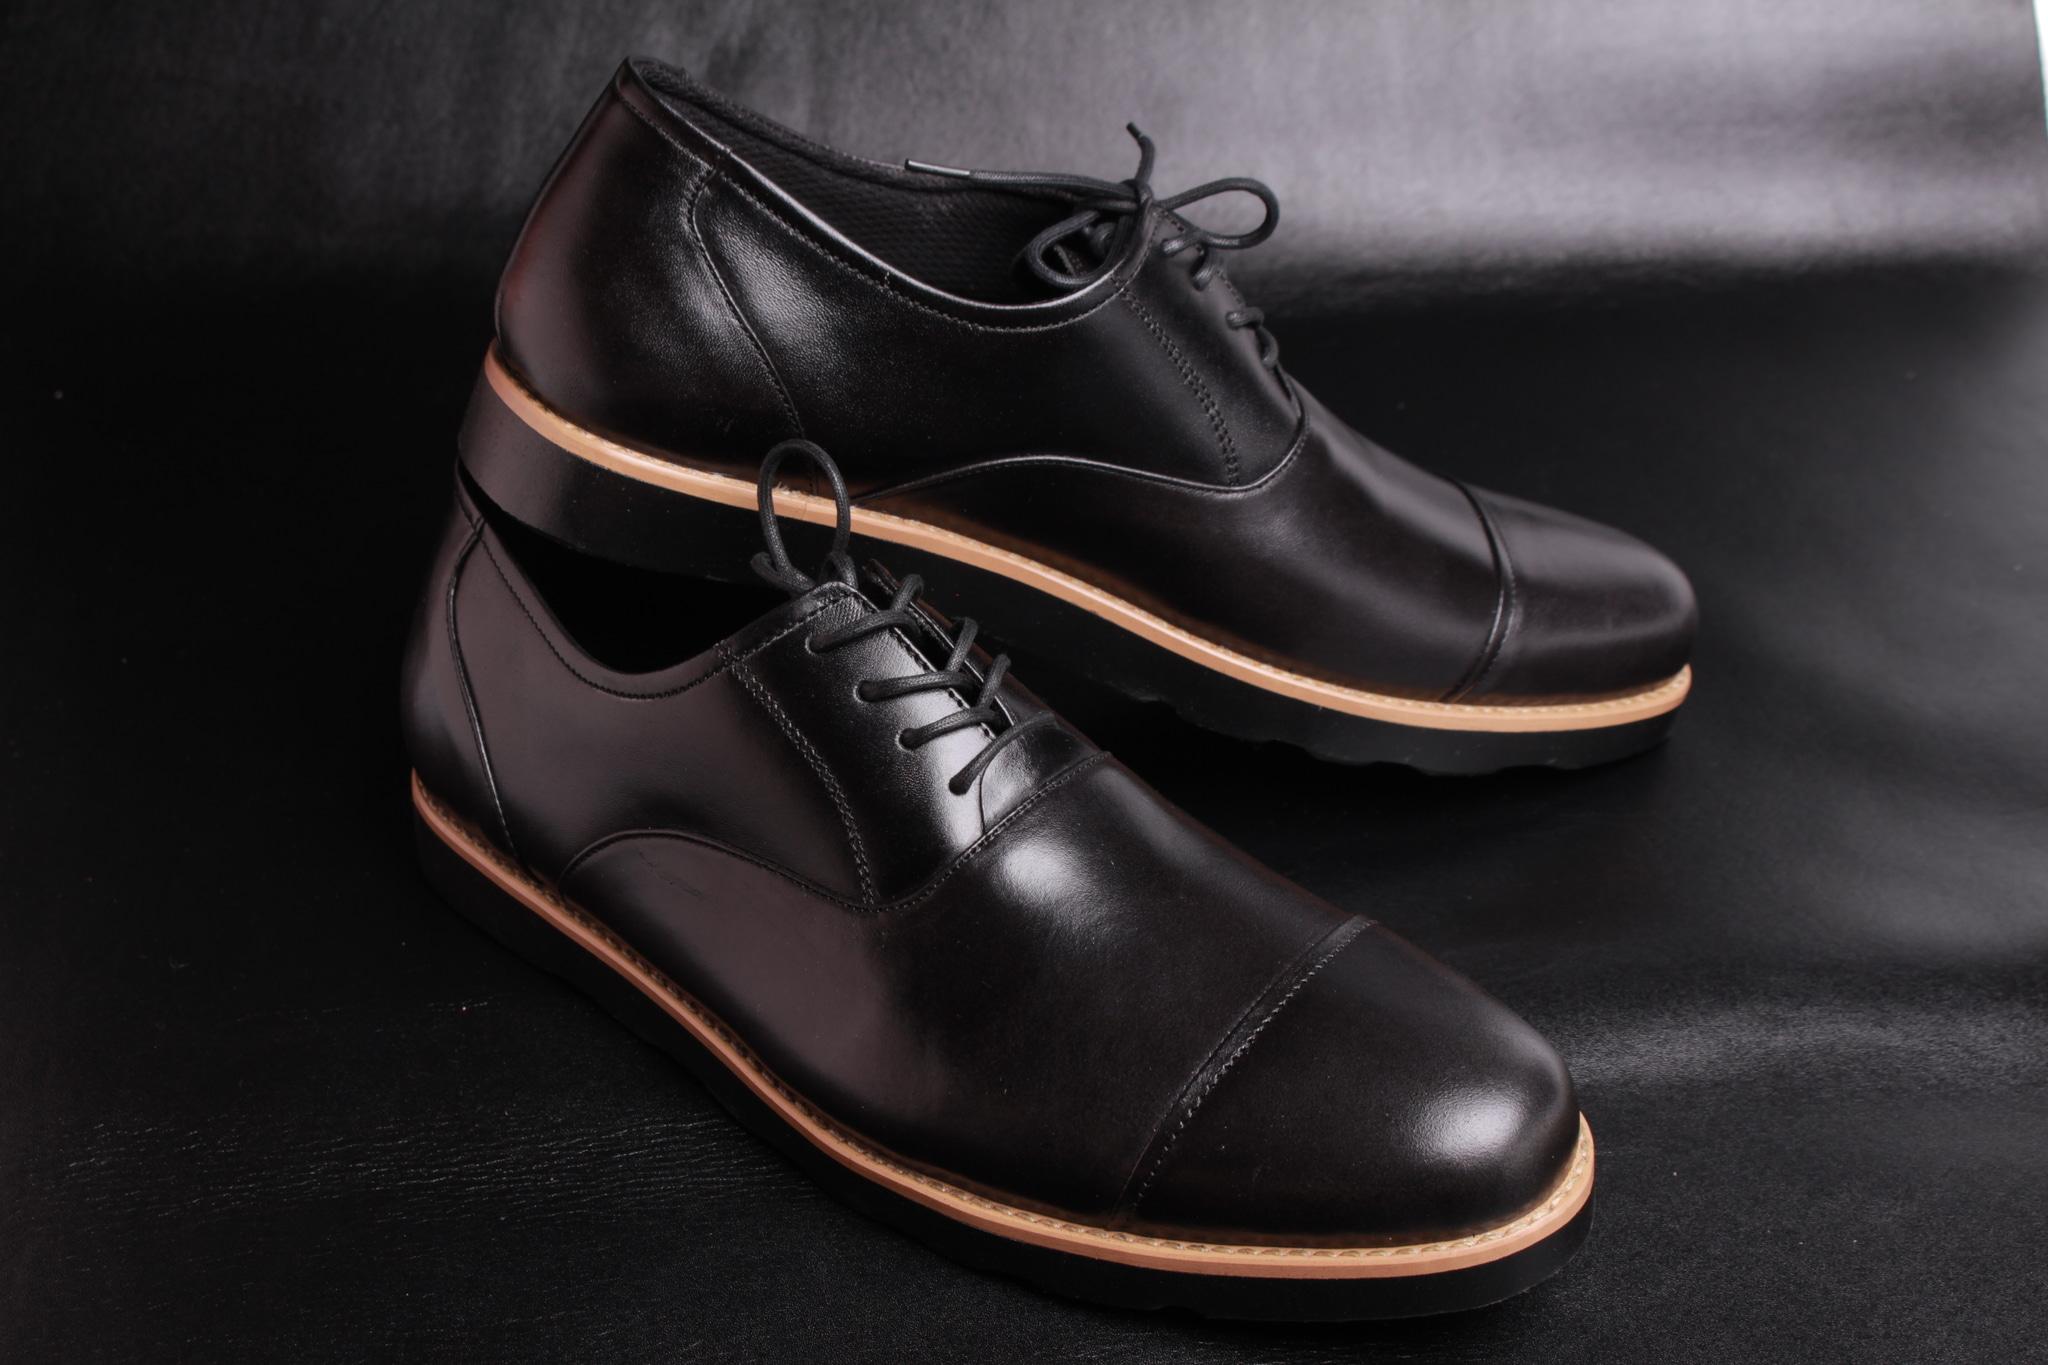 ... Sepatu Pantofel Pria Sepatu Kulit Asli Sepatu Formal Boston Zico -  Blanja.com ... 26f5b592b2